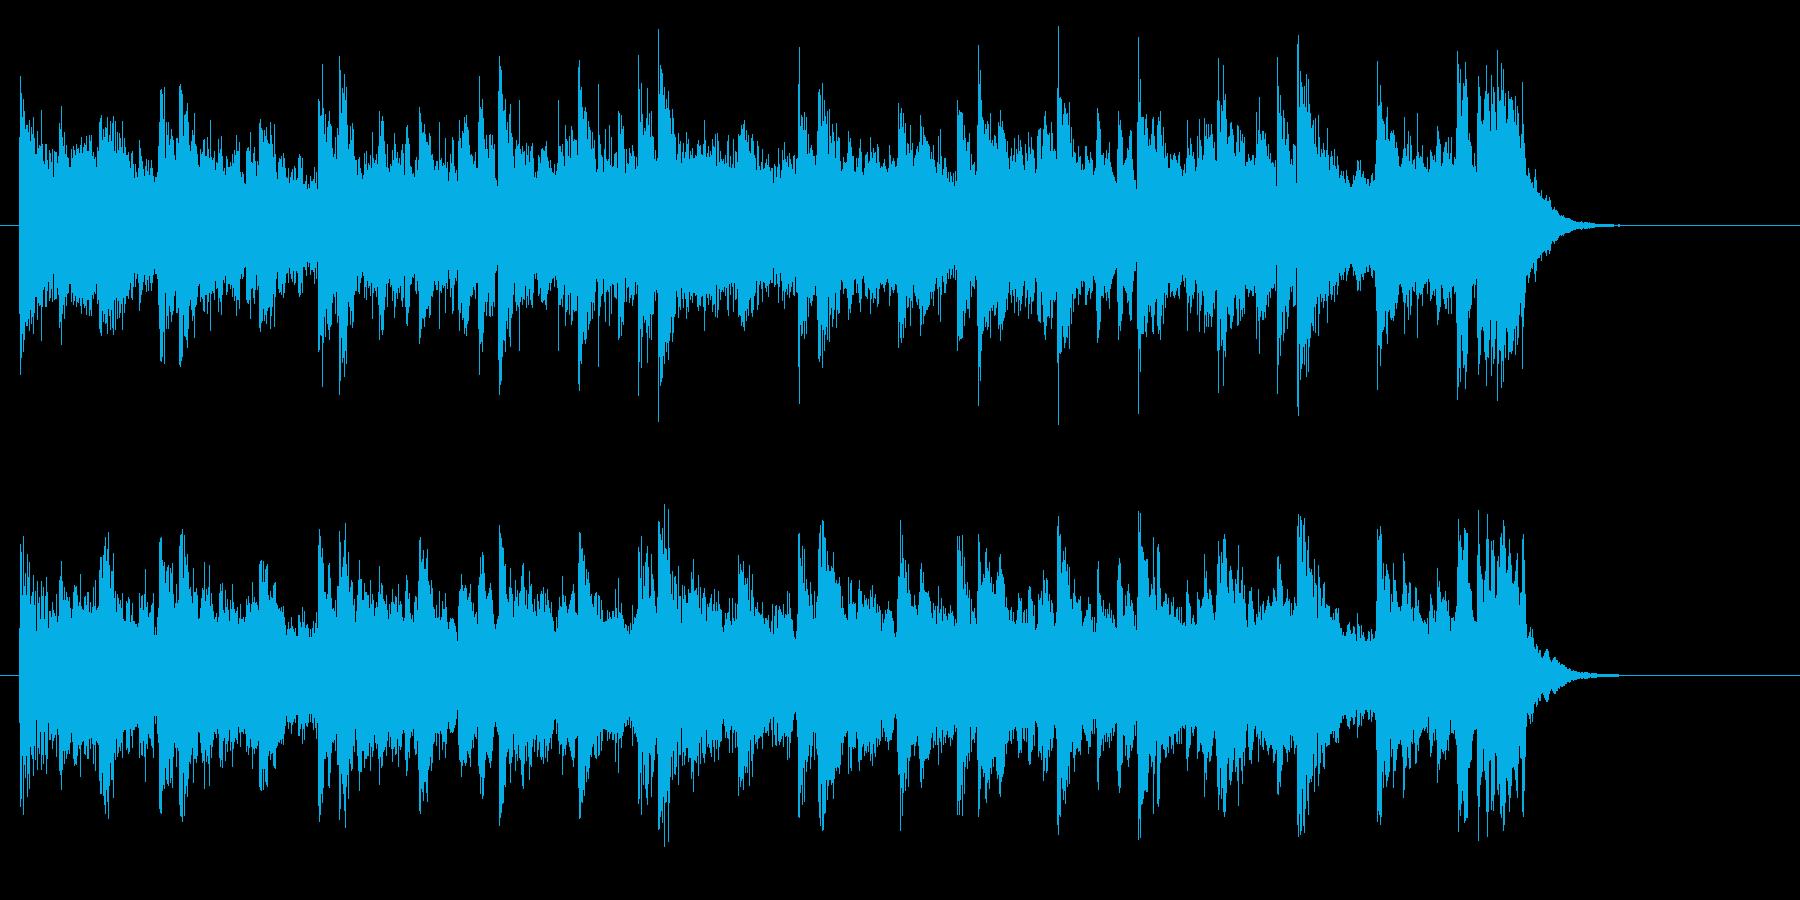 ピアノのライト・ポップス(サビ)の再生済みの波形